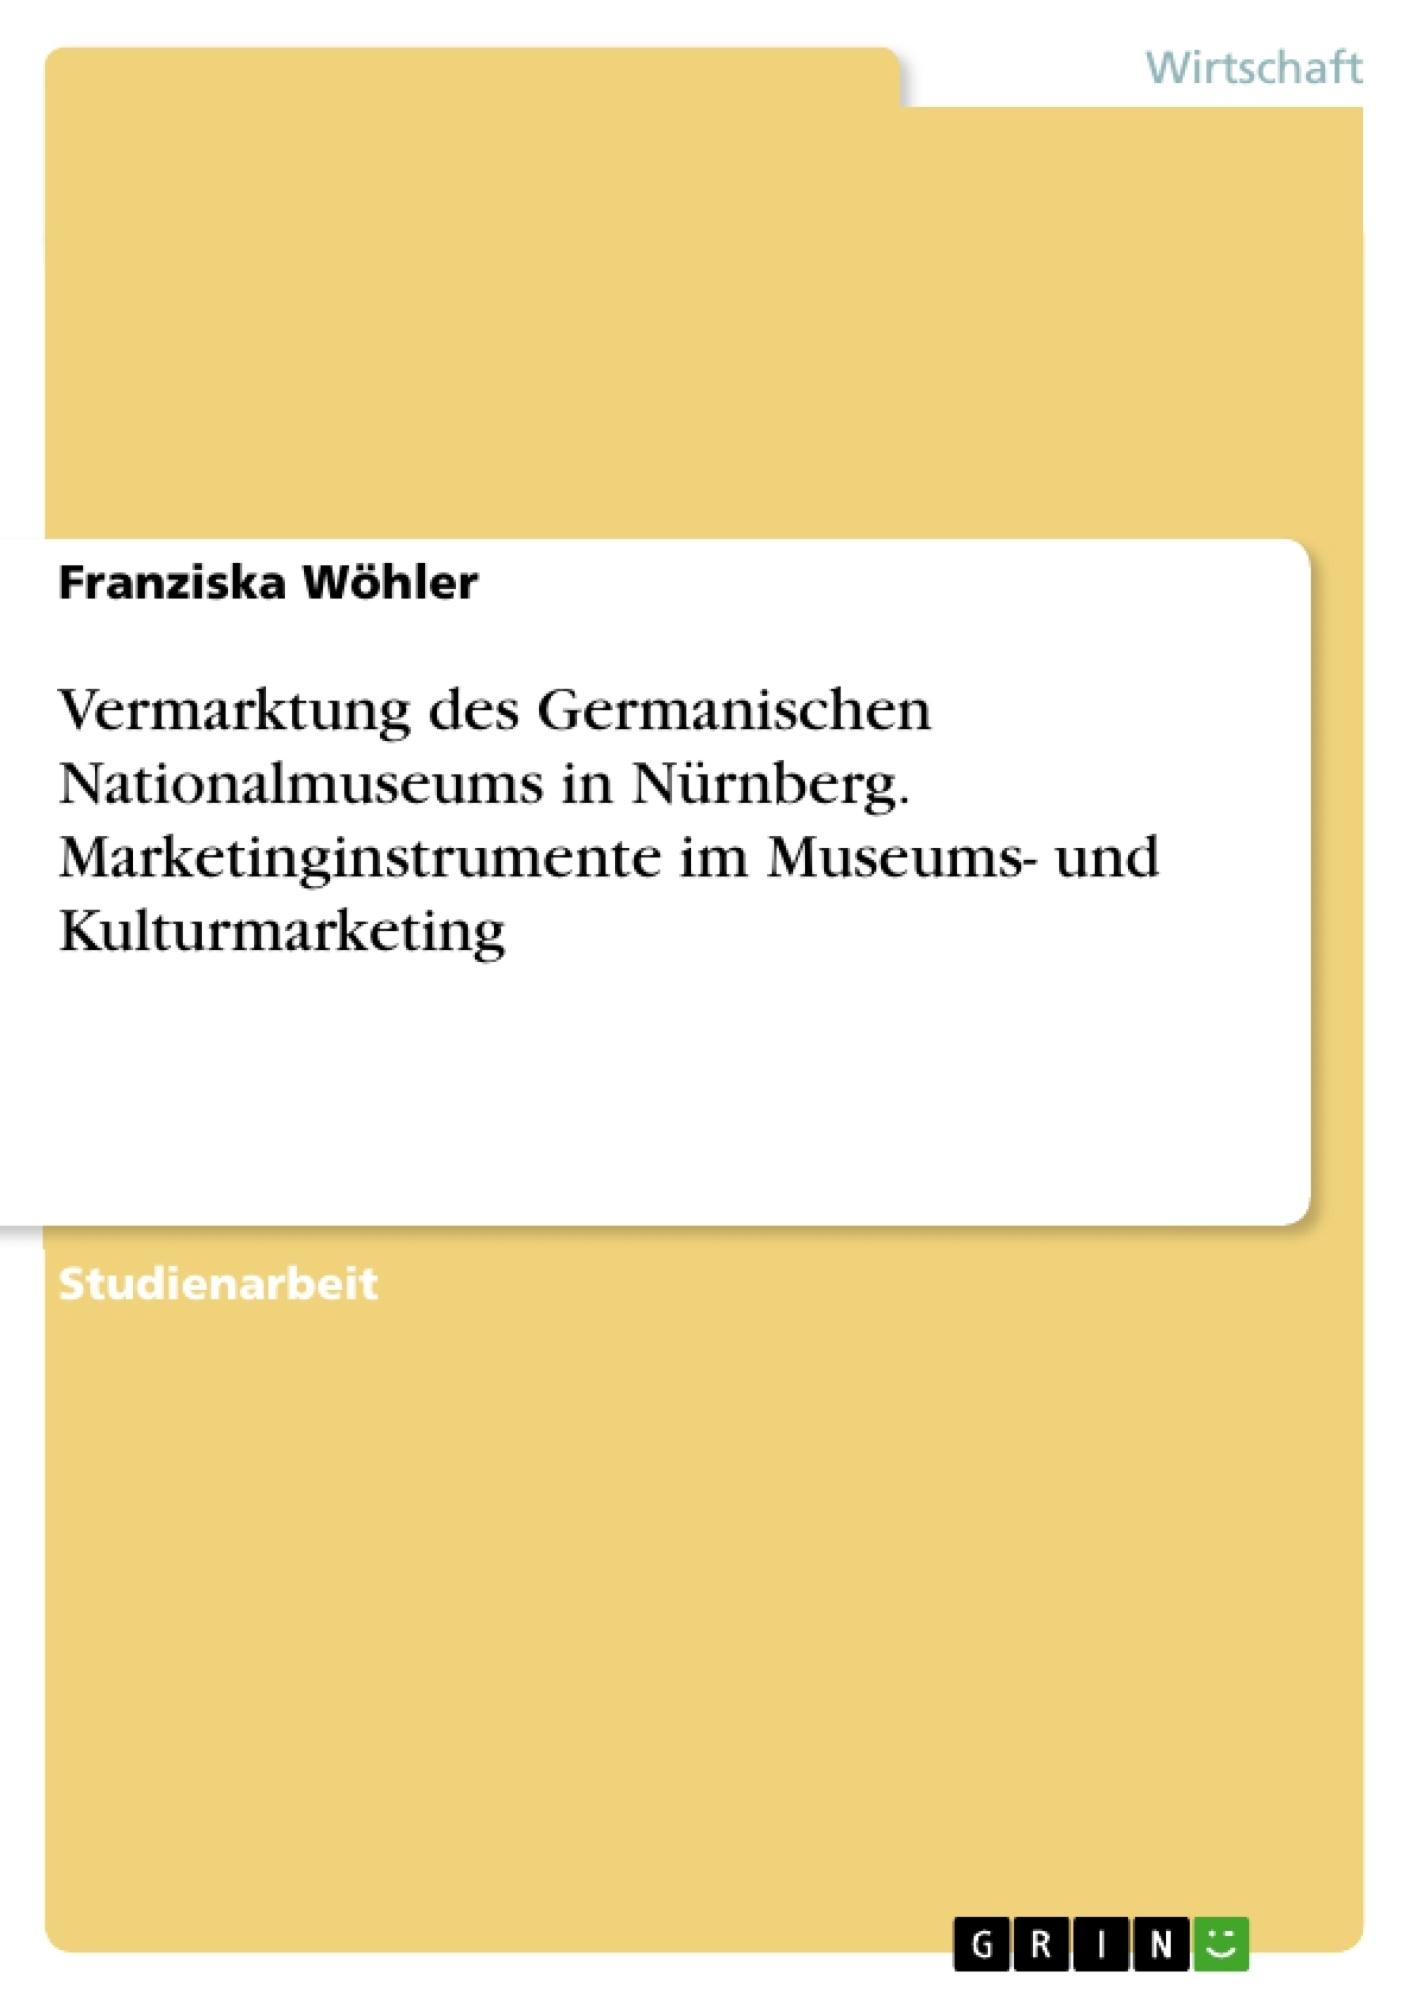 Titel: Vermarktung des Germanischen Nationalmuseums in Nürnberg. Marketinginstrumente im Museums- und Kulturmarketing